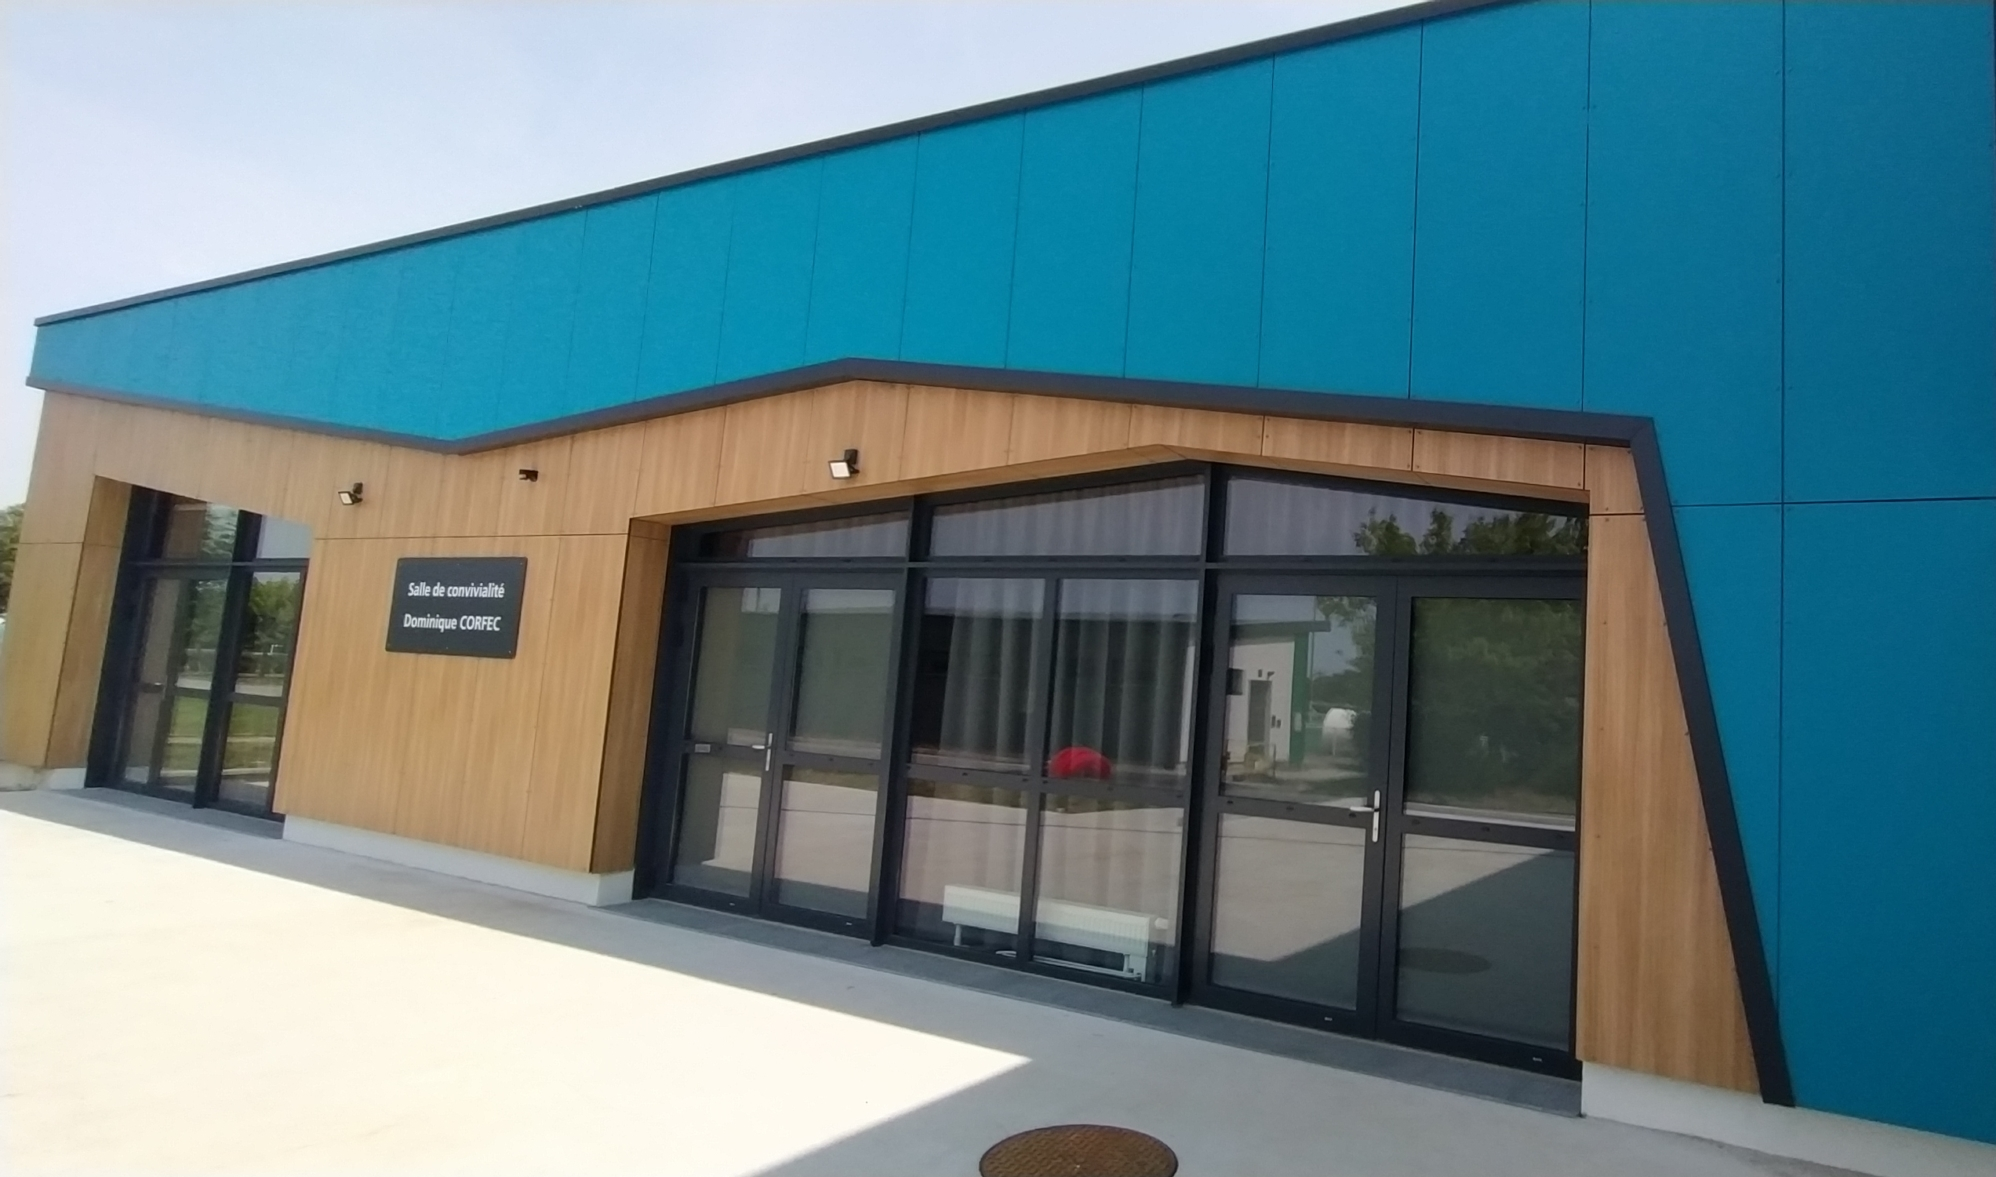 Salle de convivialité Dominique Corfec en polyrey HPL bleu pacifique et chêne provence